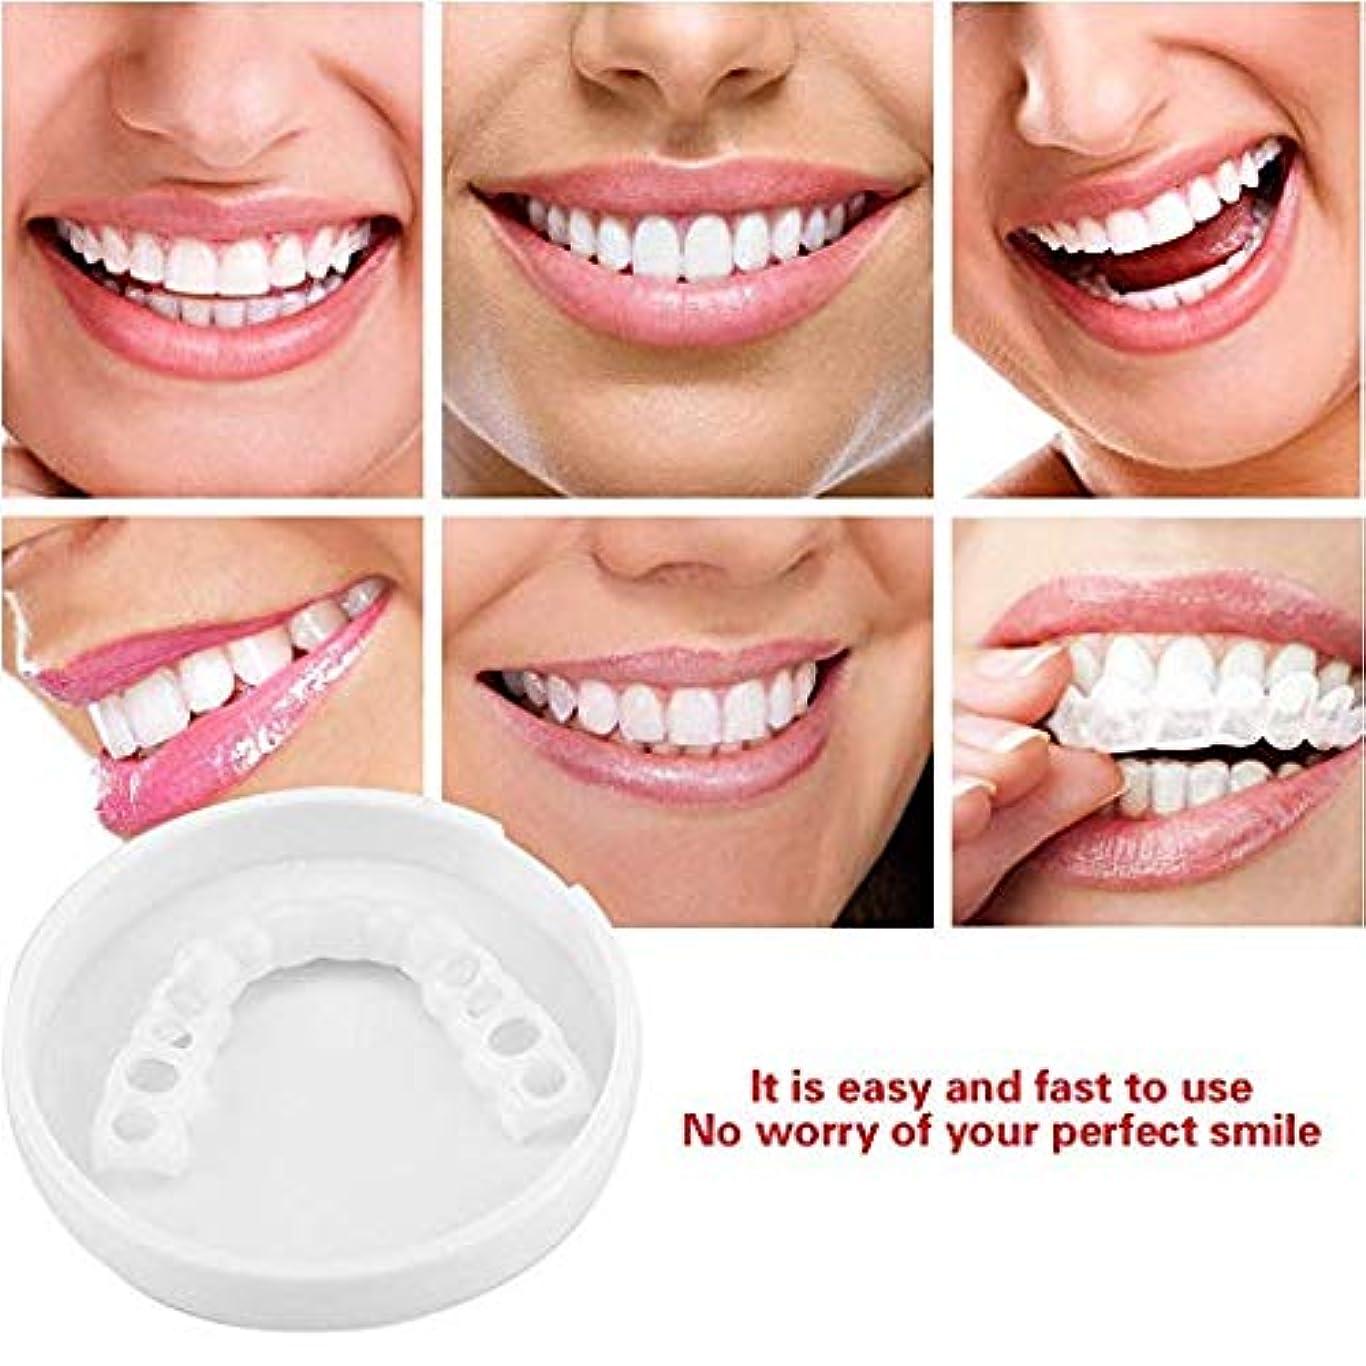 ノベルティ上流の論理的16セットのコスメティックデンタルマッサージ、笑顔、笑顔、快適、すべてのメイクアップ歯に最適、最も快適な義歯ケア用のワンサイズ